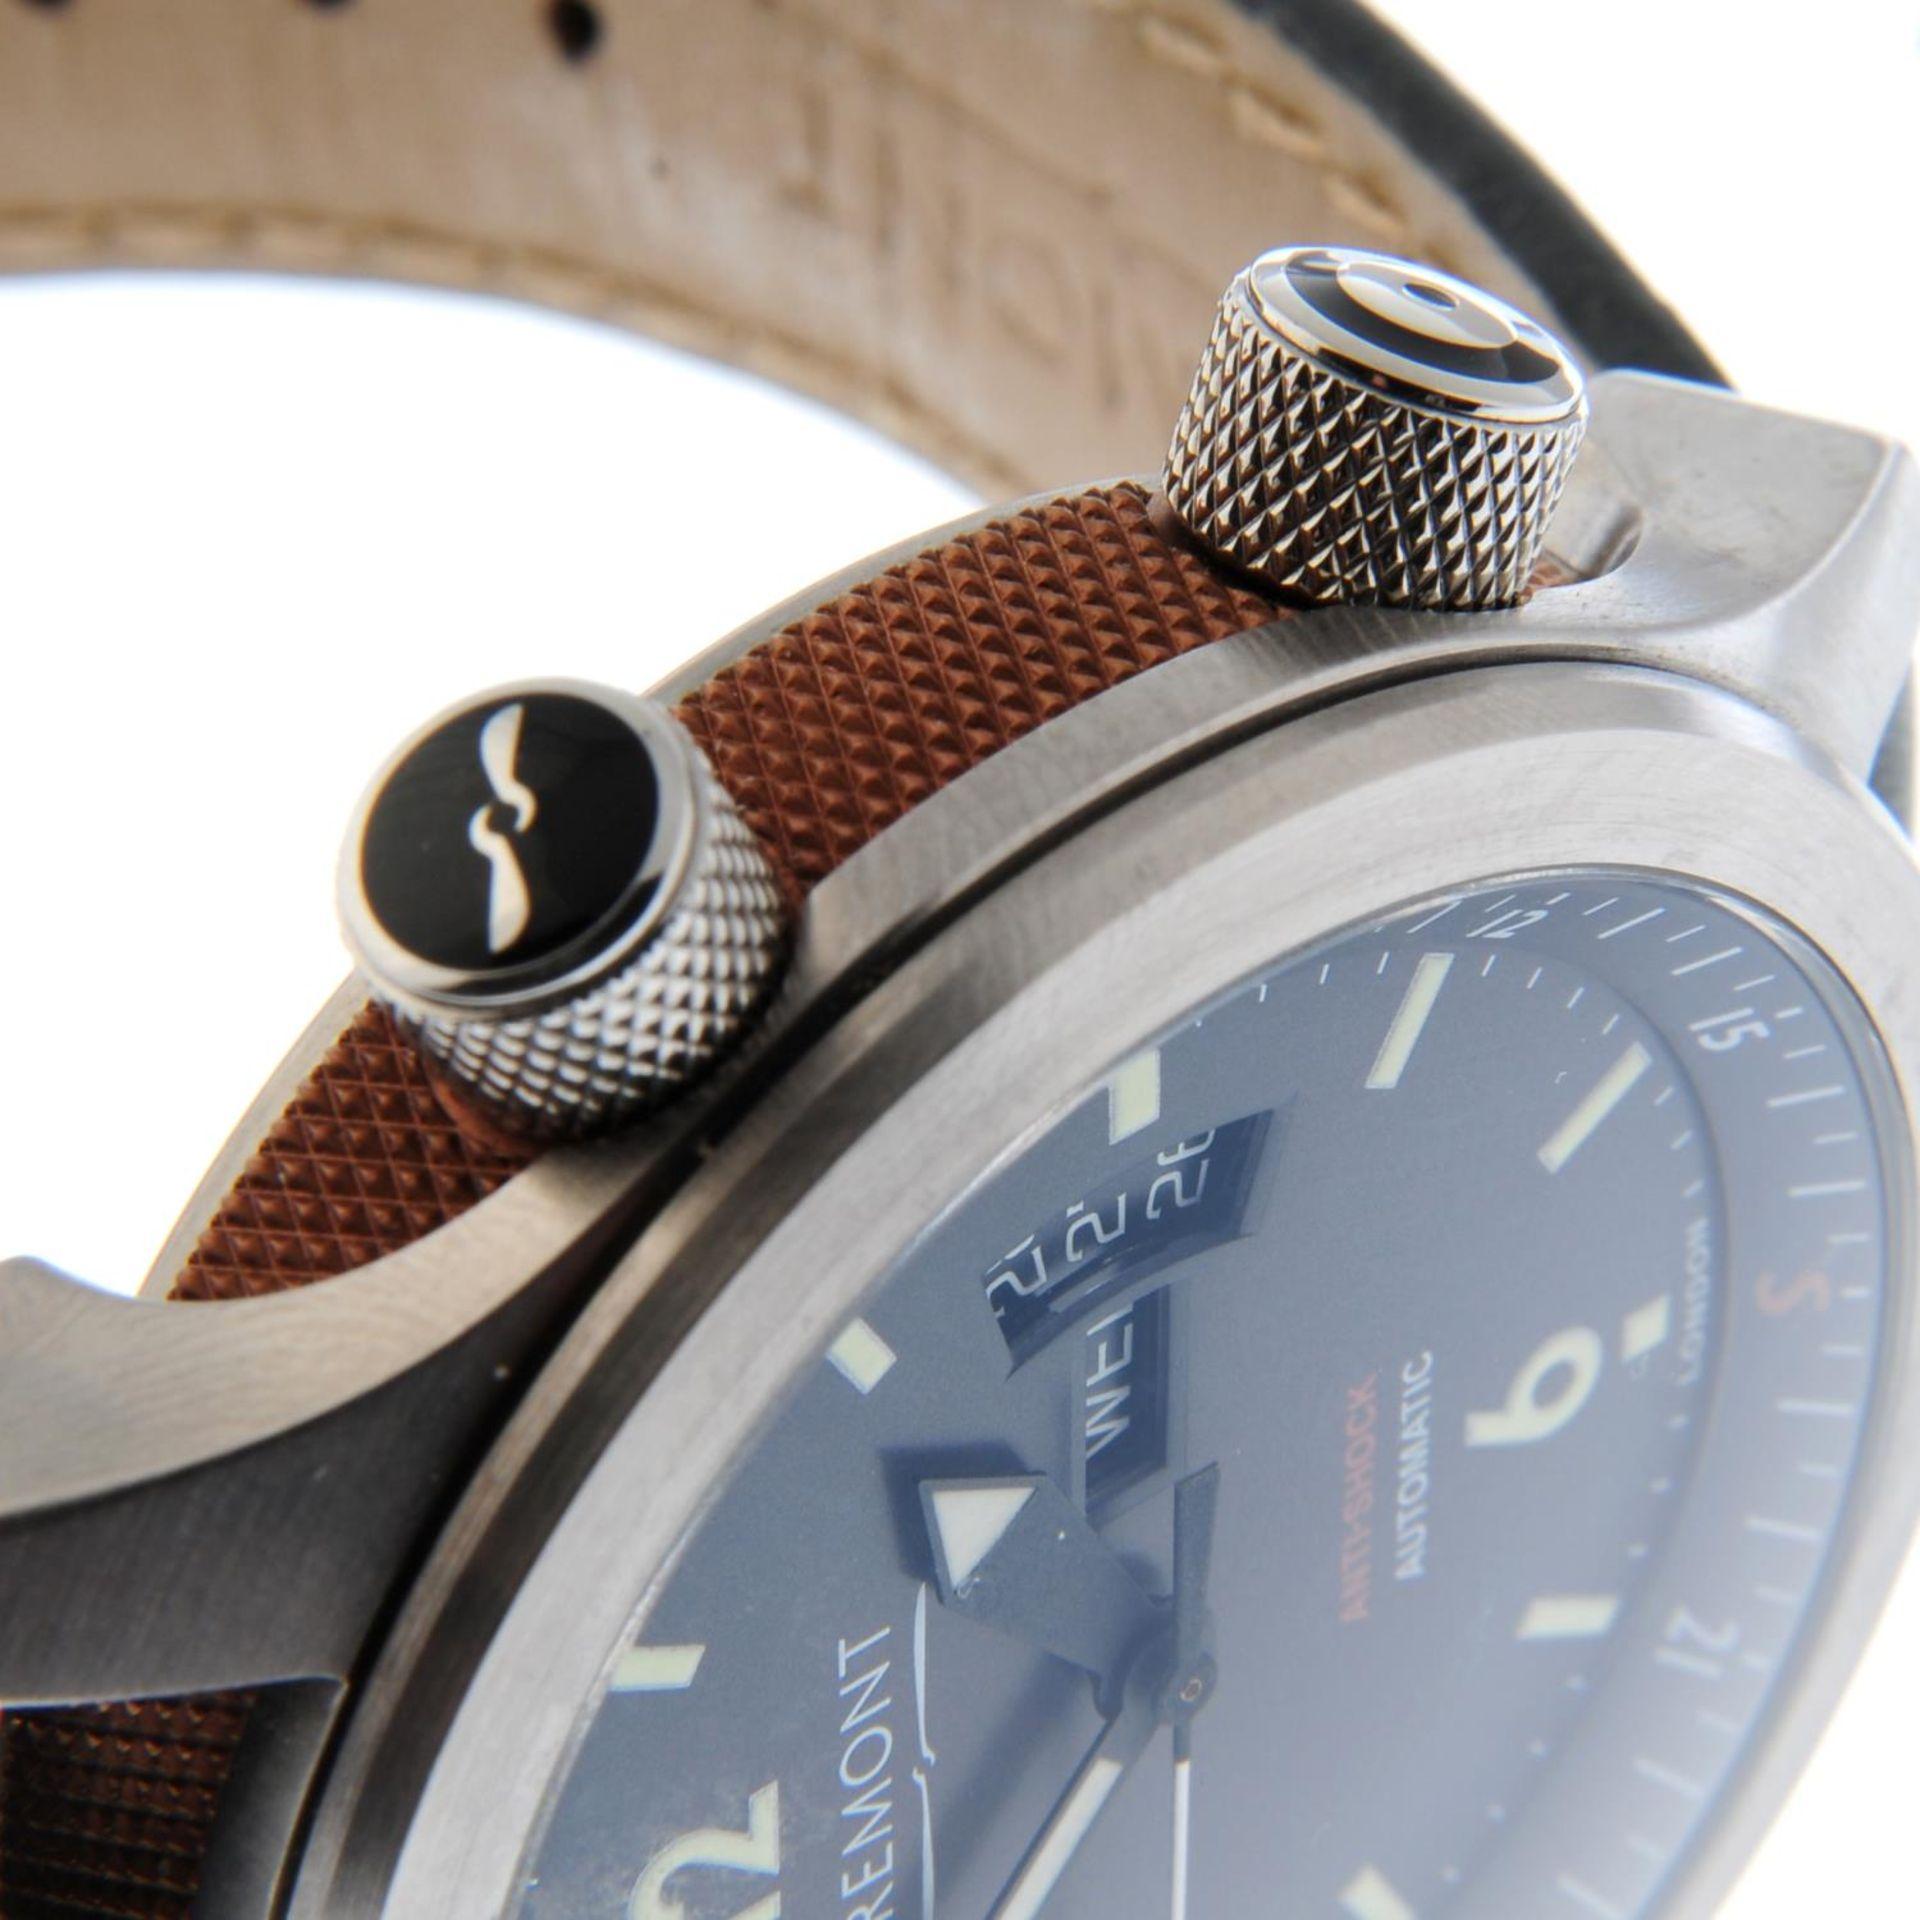 CURRENT MODEL: BREMONT - a U22 wrist watch. - Bild 5 aus 6